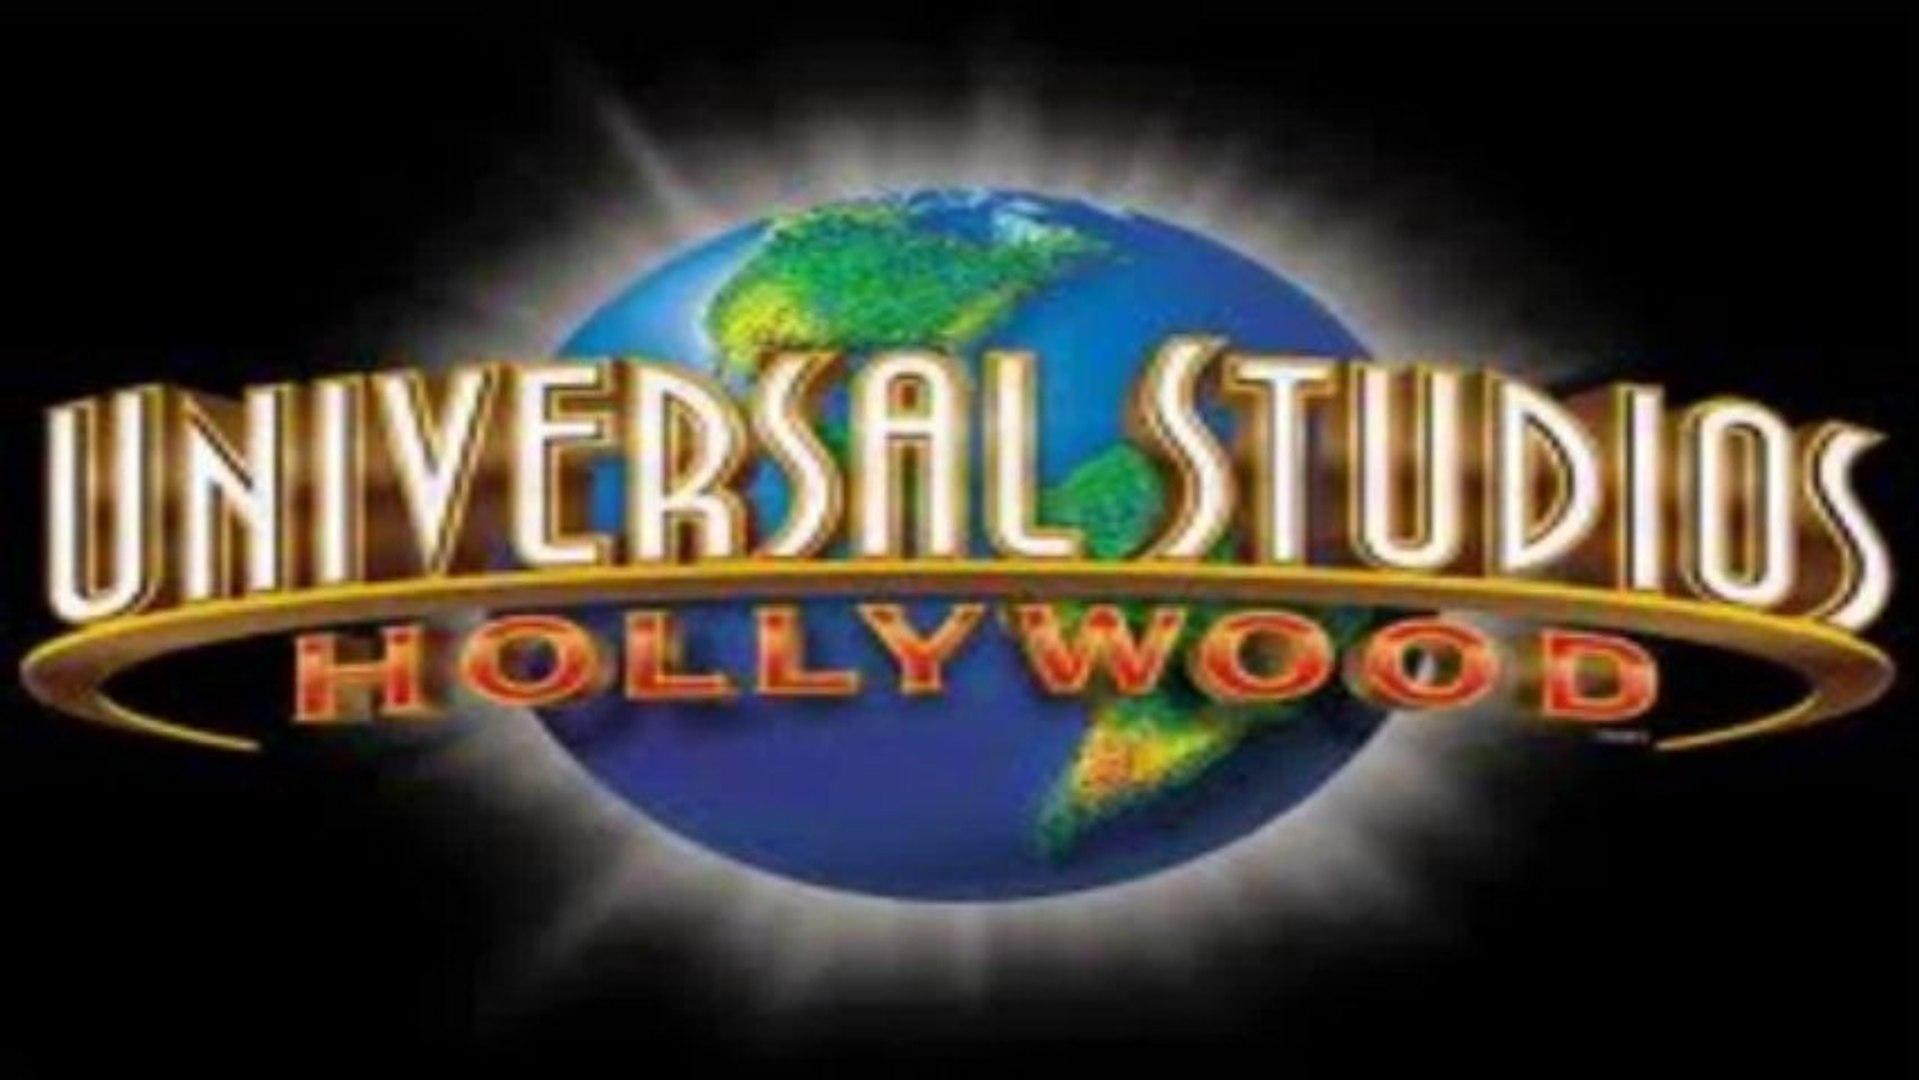 jgvgxvv - Универсальный солдат 4 фильм смотреть онлайн в хорошем качестве